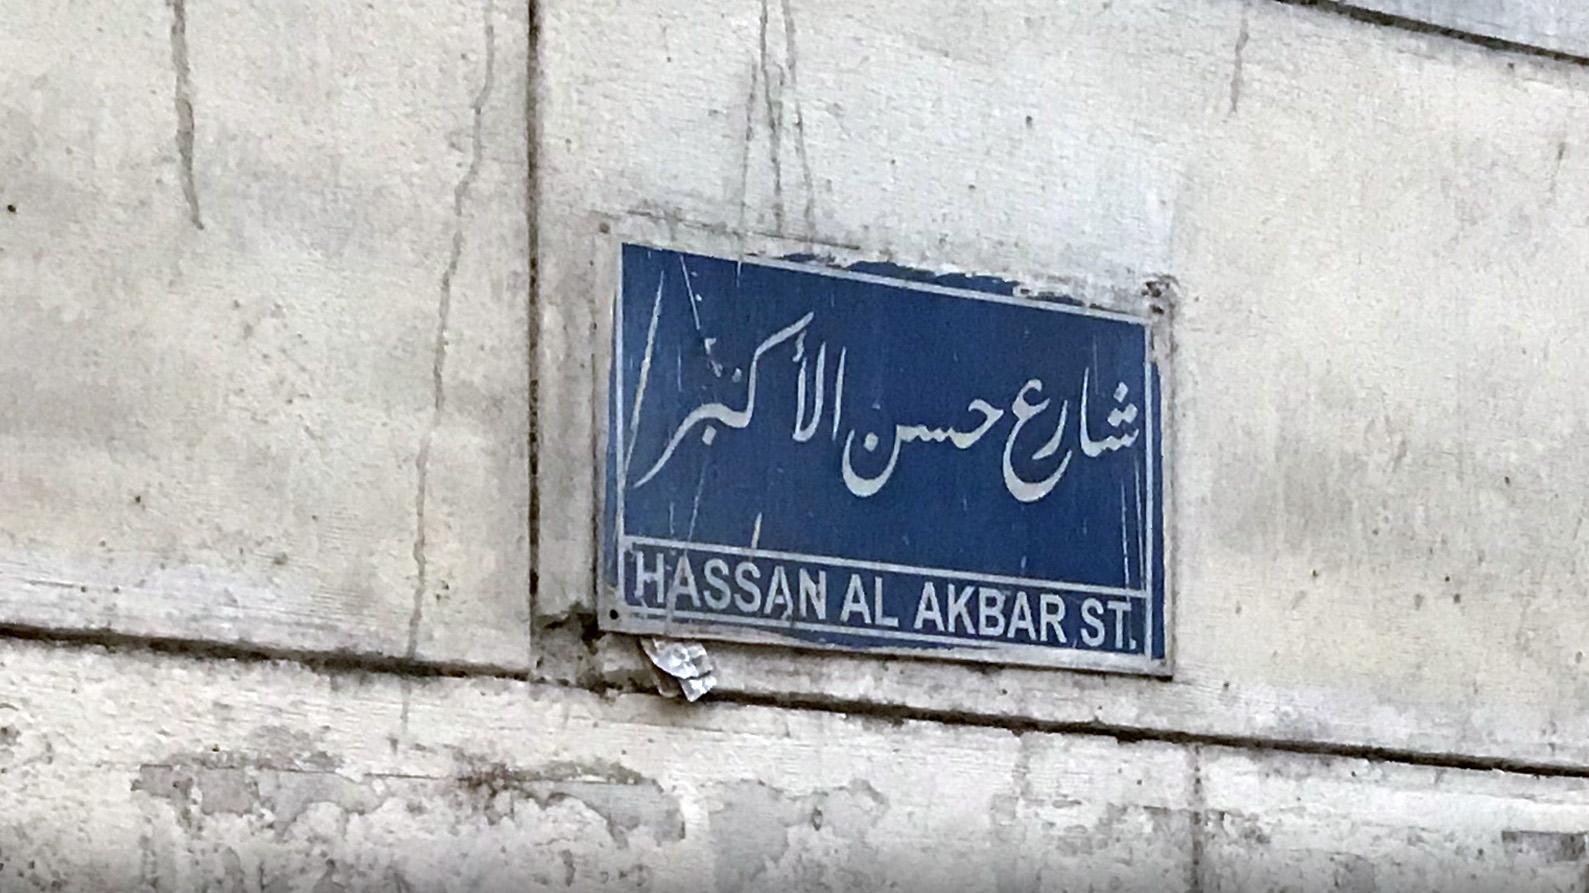 شارع حسن الأكبر - تصوير: عبد الرحمن محمد